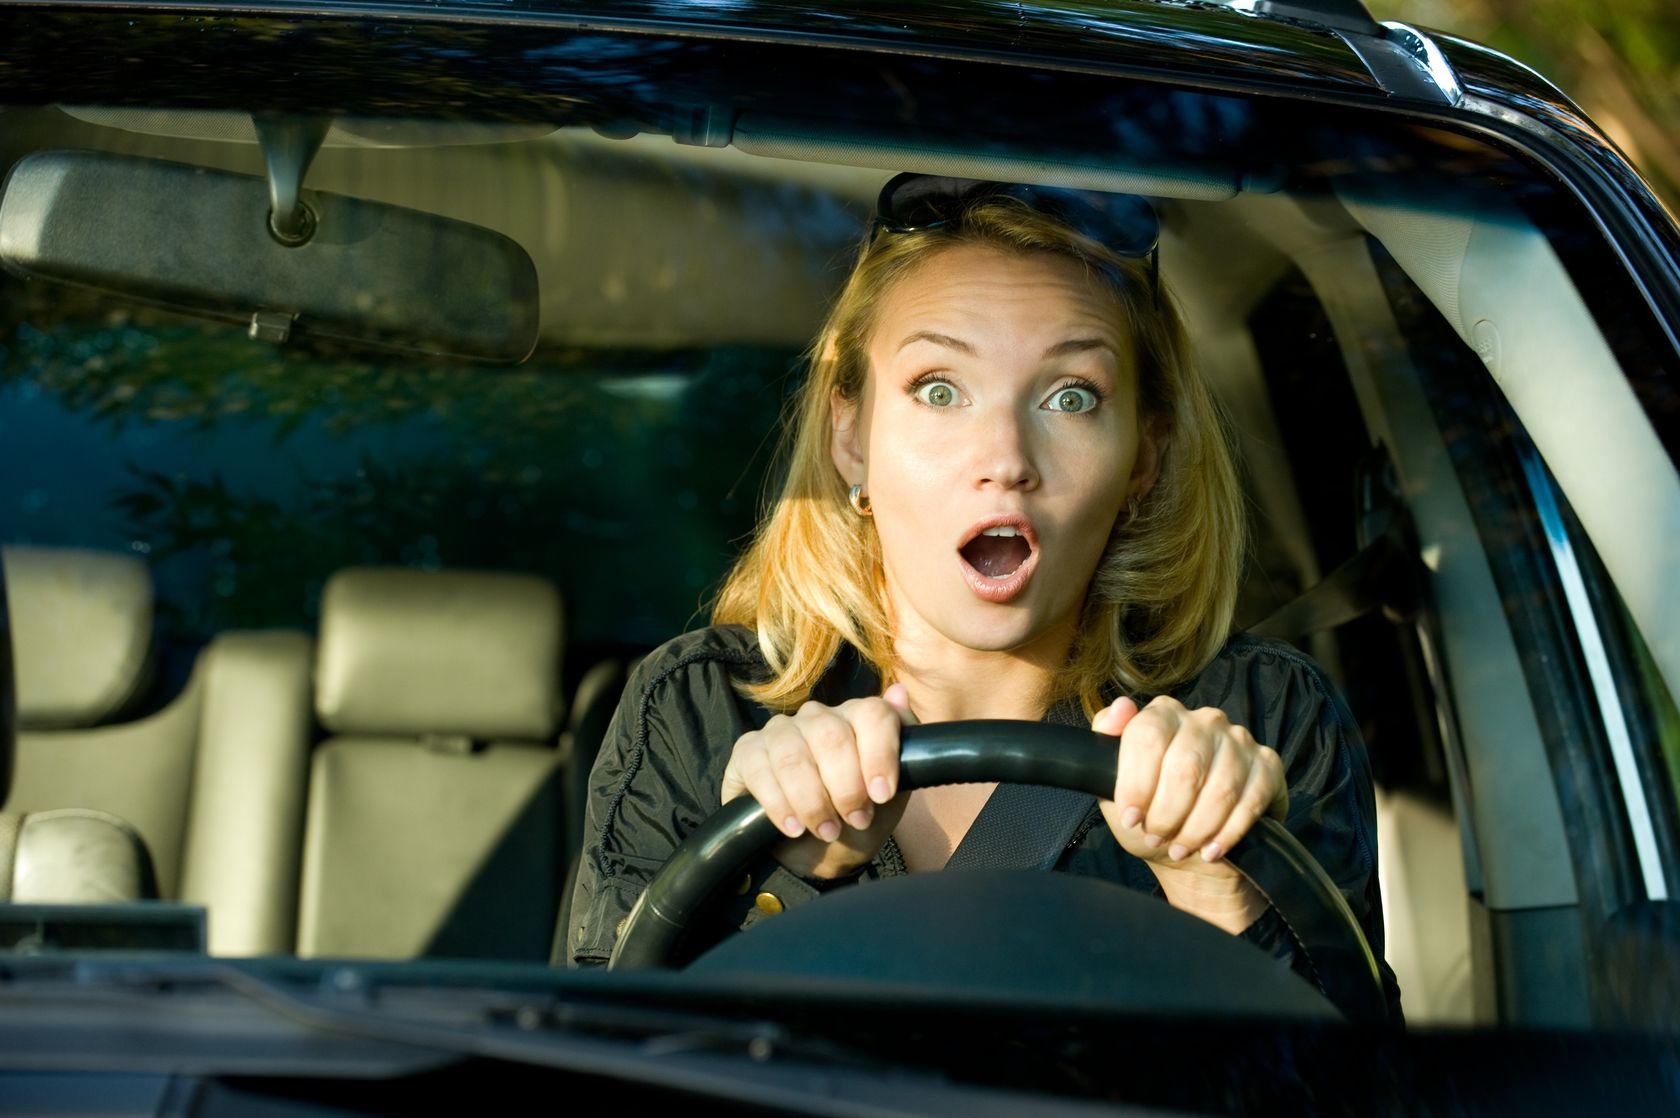 Женщина в машине прикольные картинки